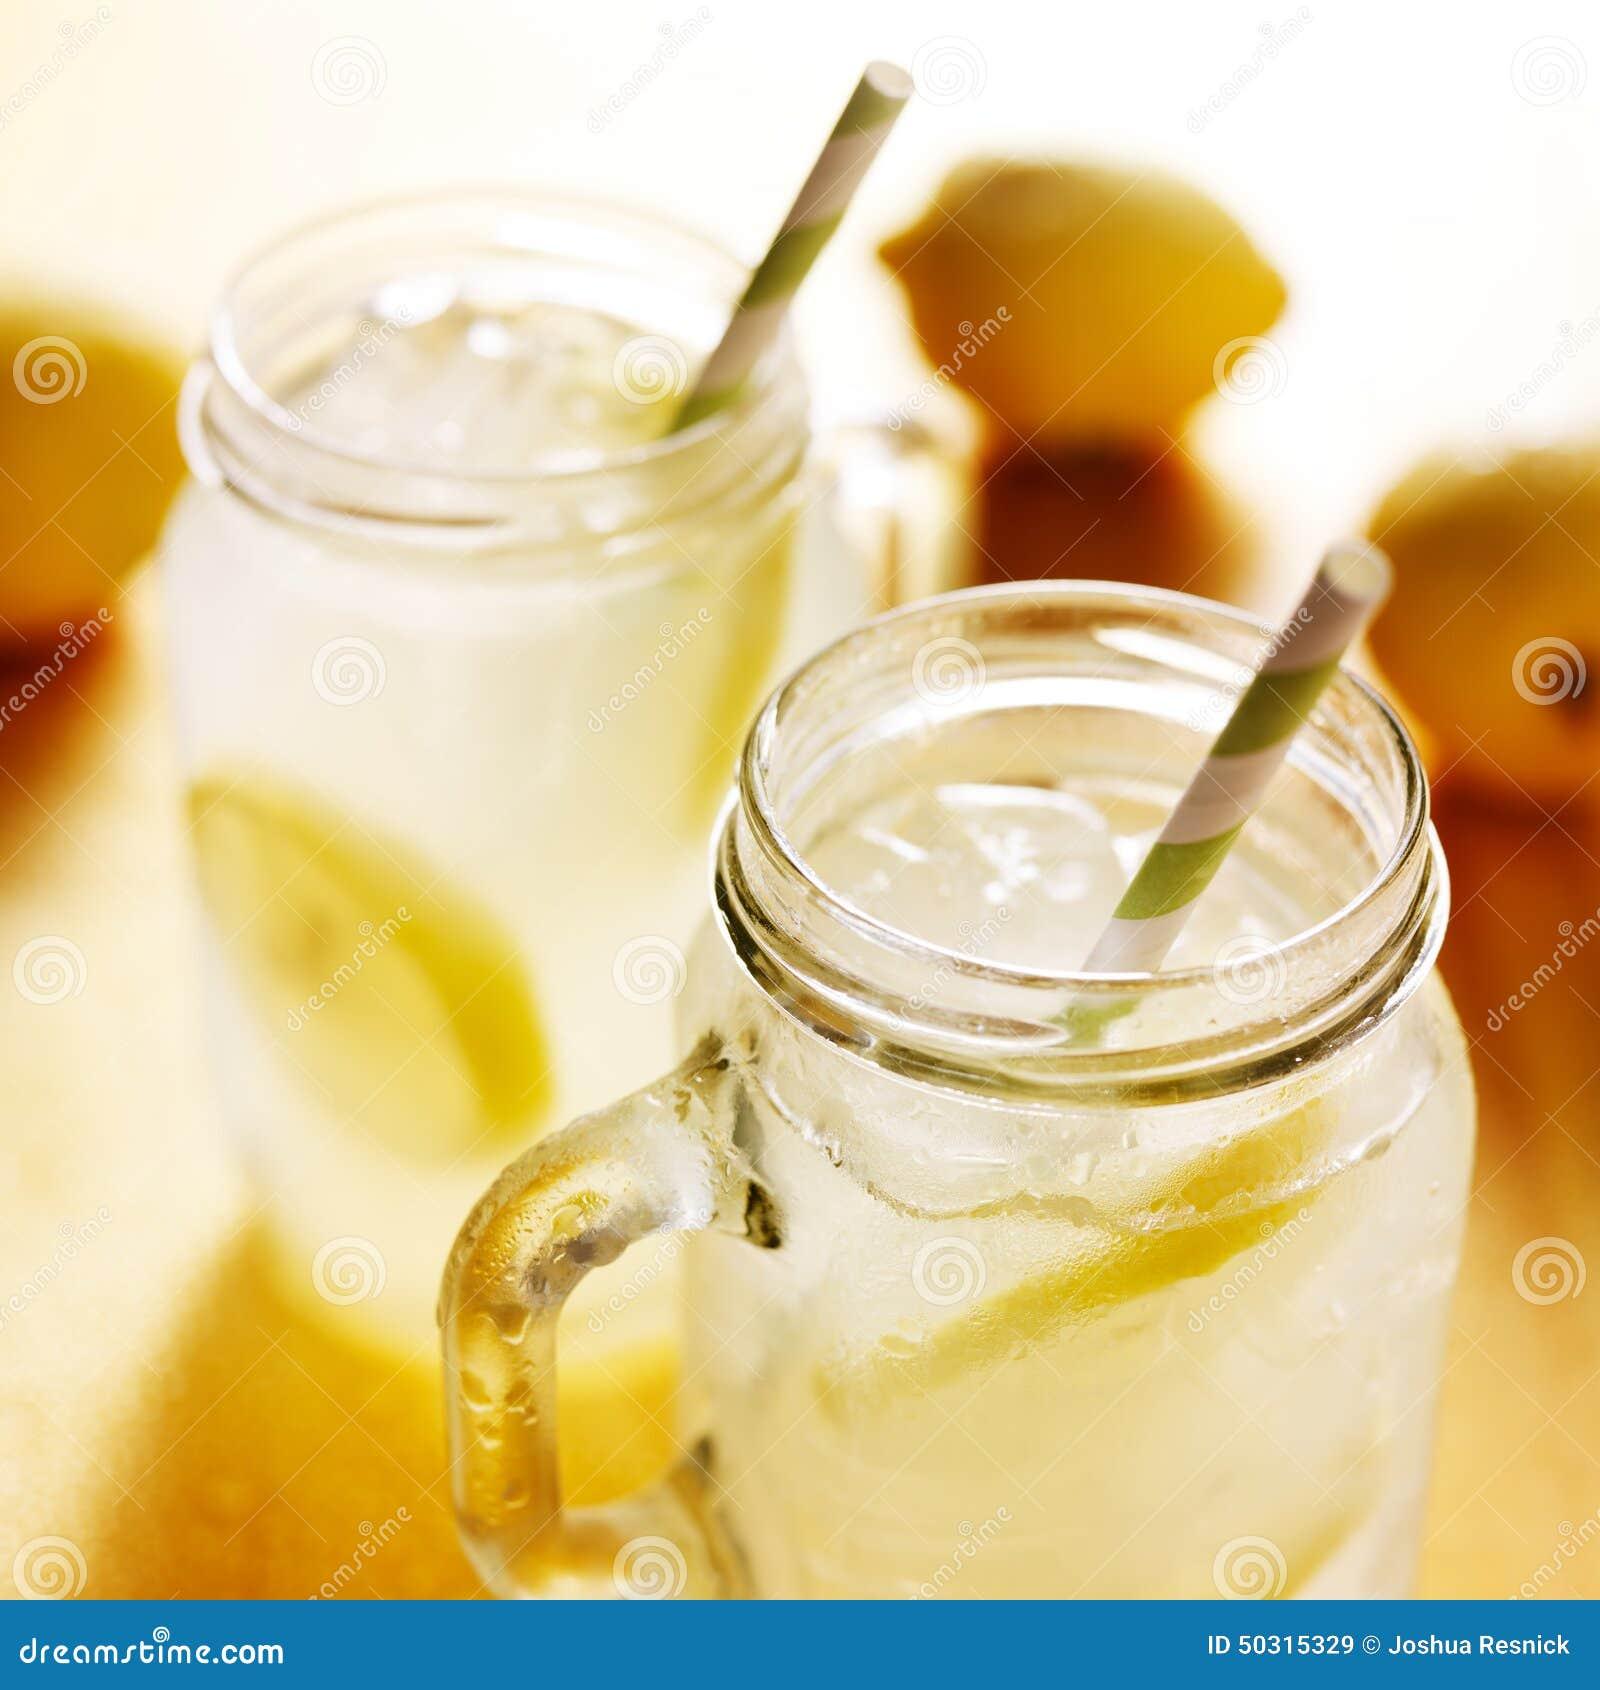 how to make a glass of homemade lemonade